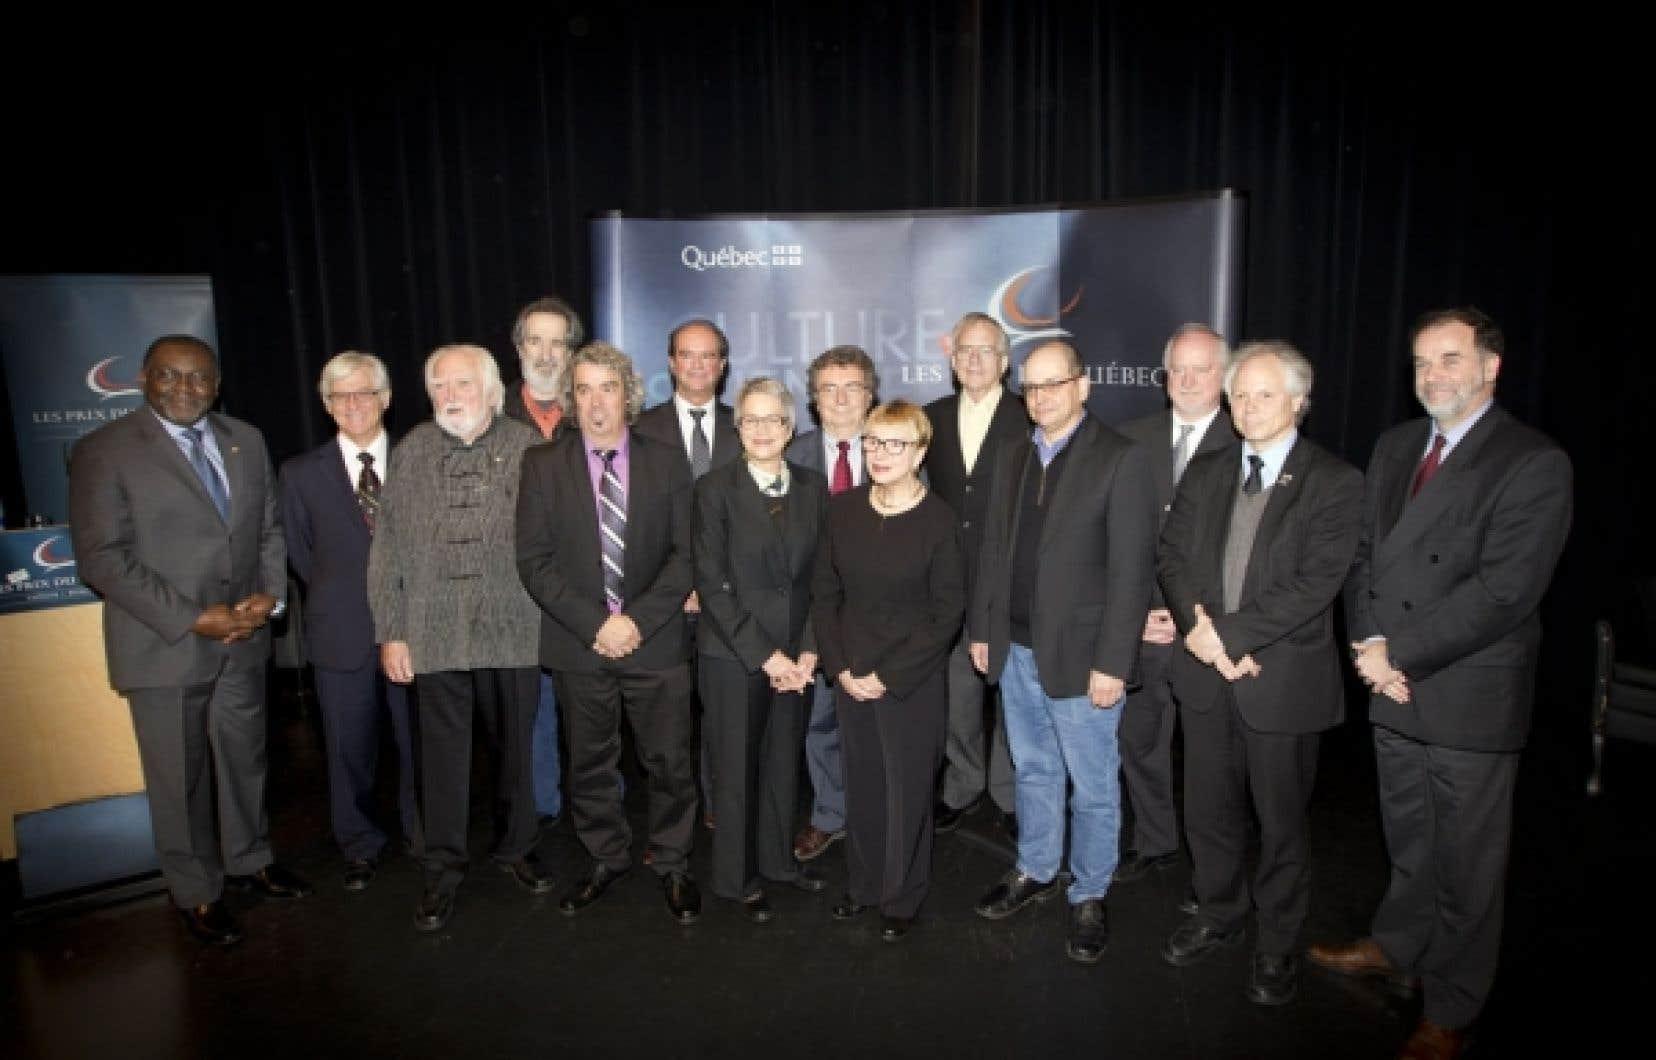 Les récipiendaires des Prix du Québec pour l'année 2012, en compagnie du ministre de la Culture et des Communications, Maka Kotto, et du ministre de l'Enseignement supérieur, Pierre Duchesne.